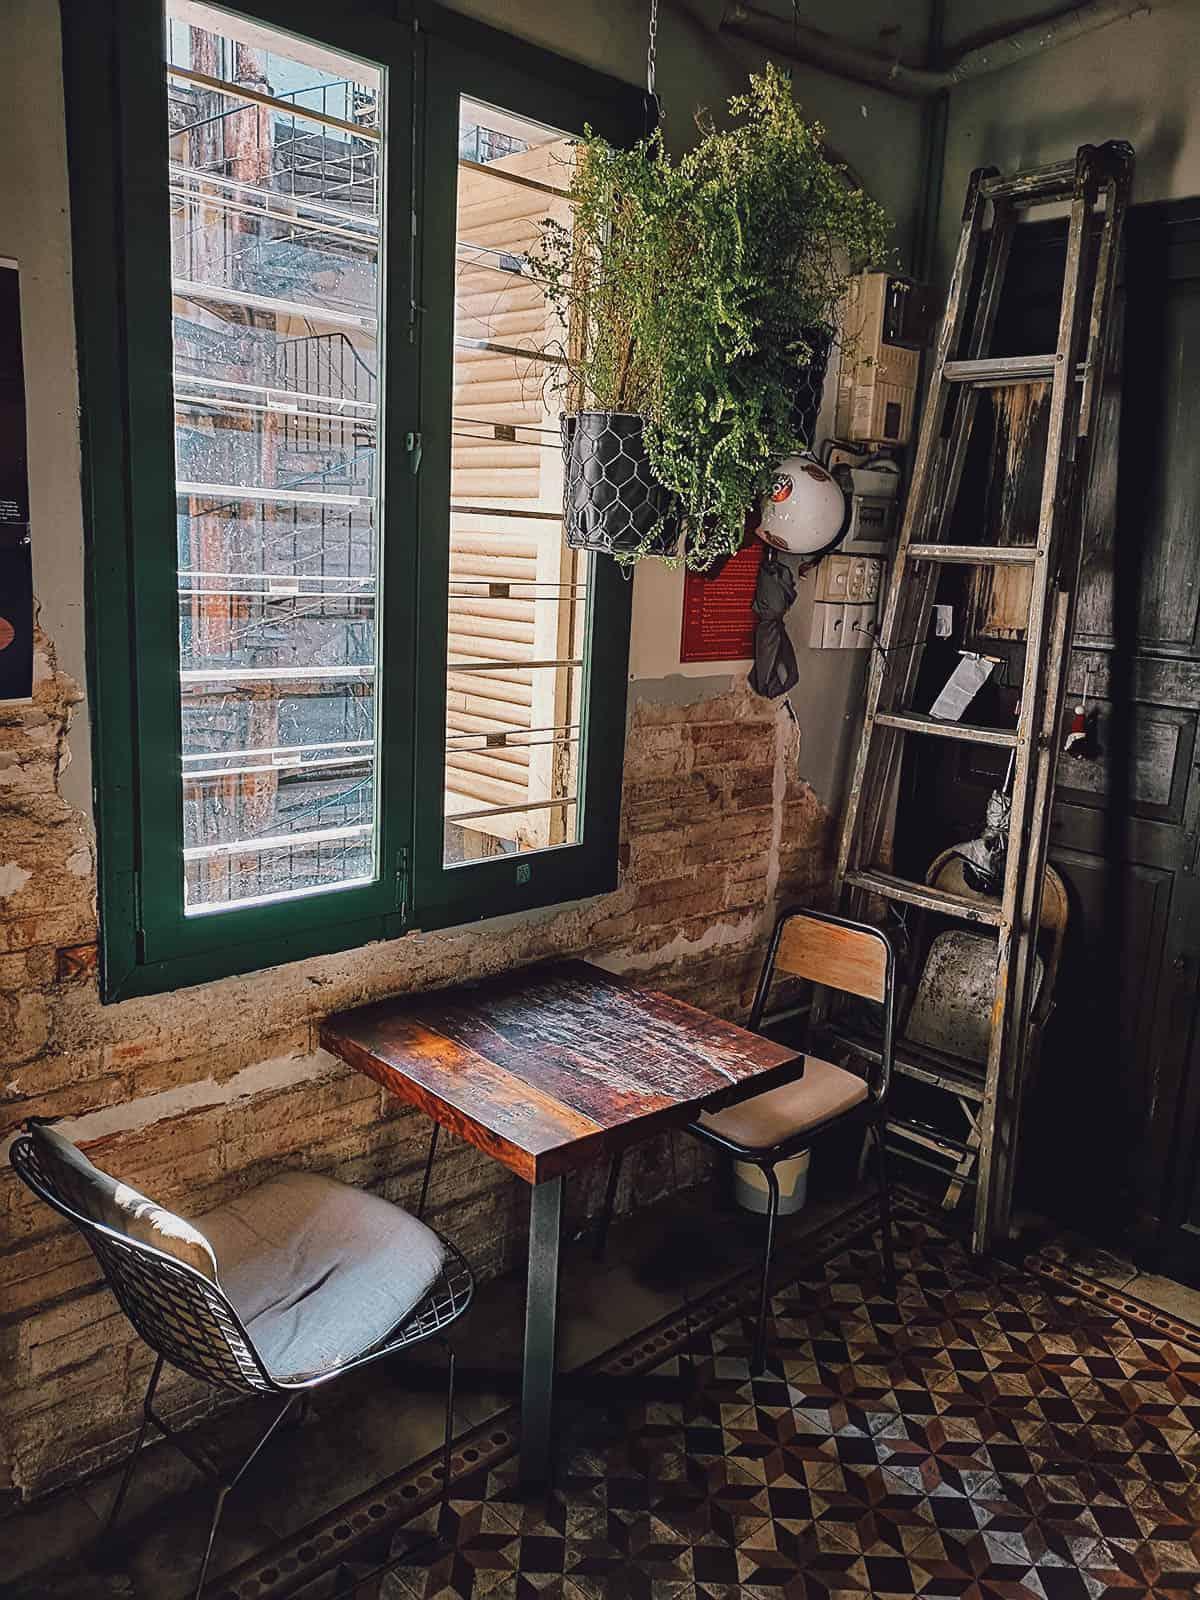 Bang Khuang Cafe interior